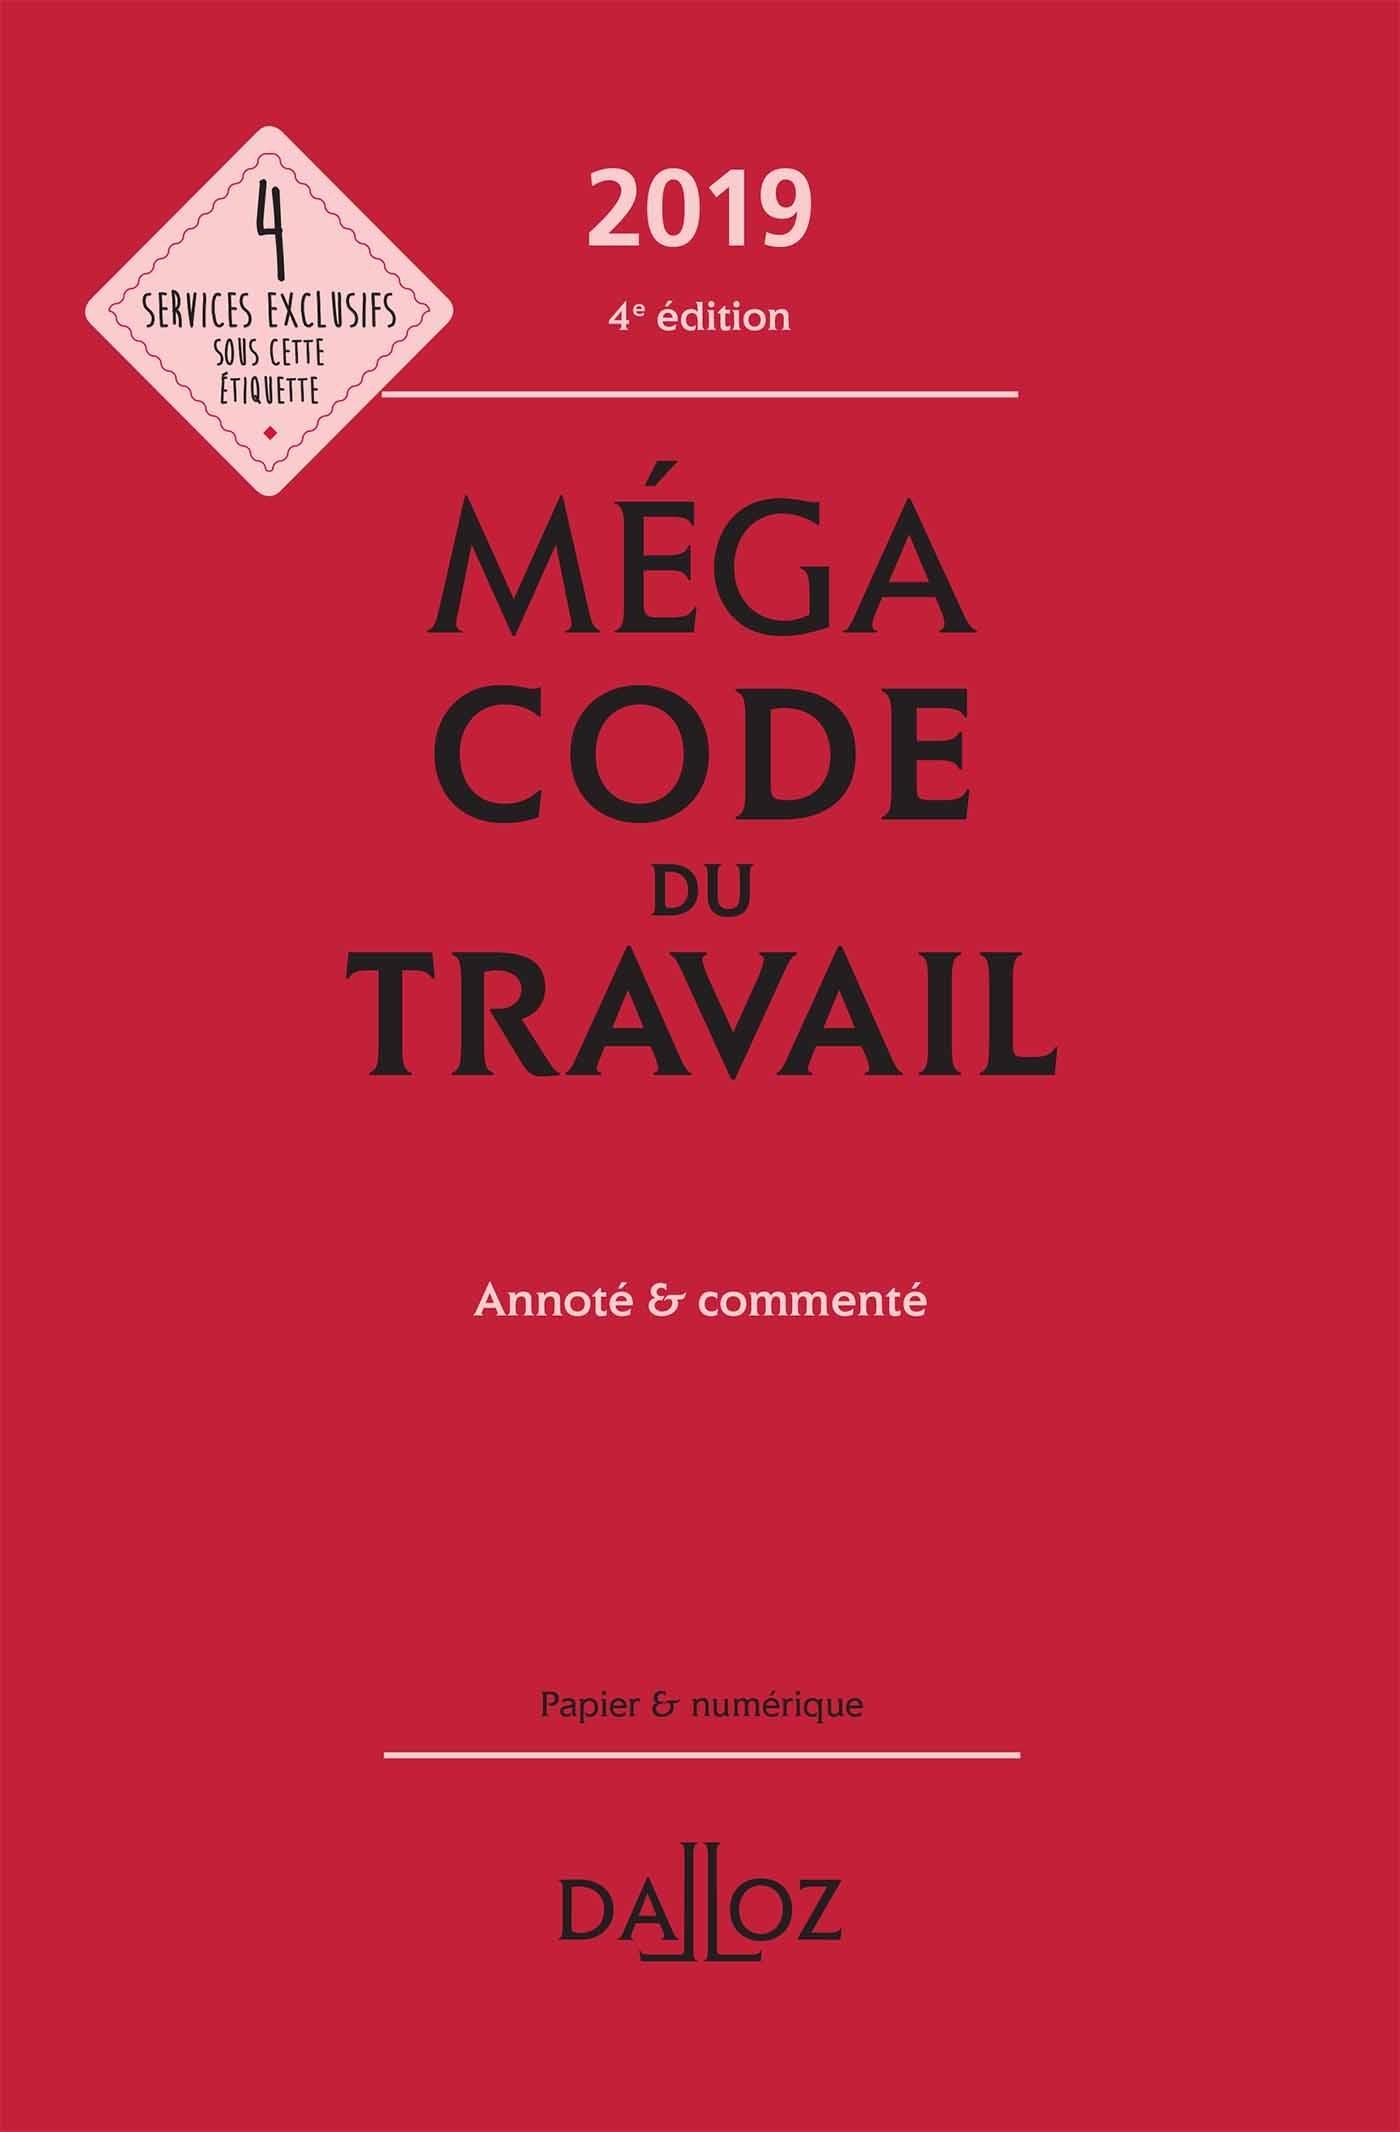 MEGACODE DU TRAVAIL 2019, ANNOTE ET COMMENTE - 4E ED.